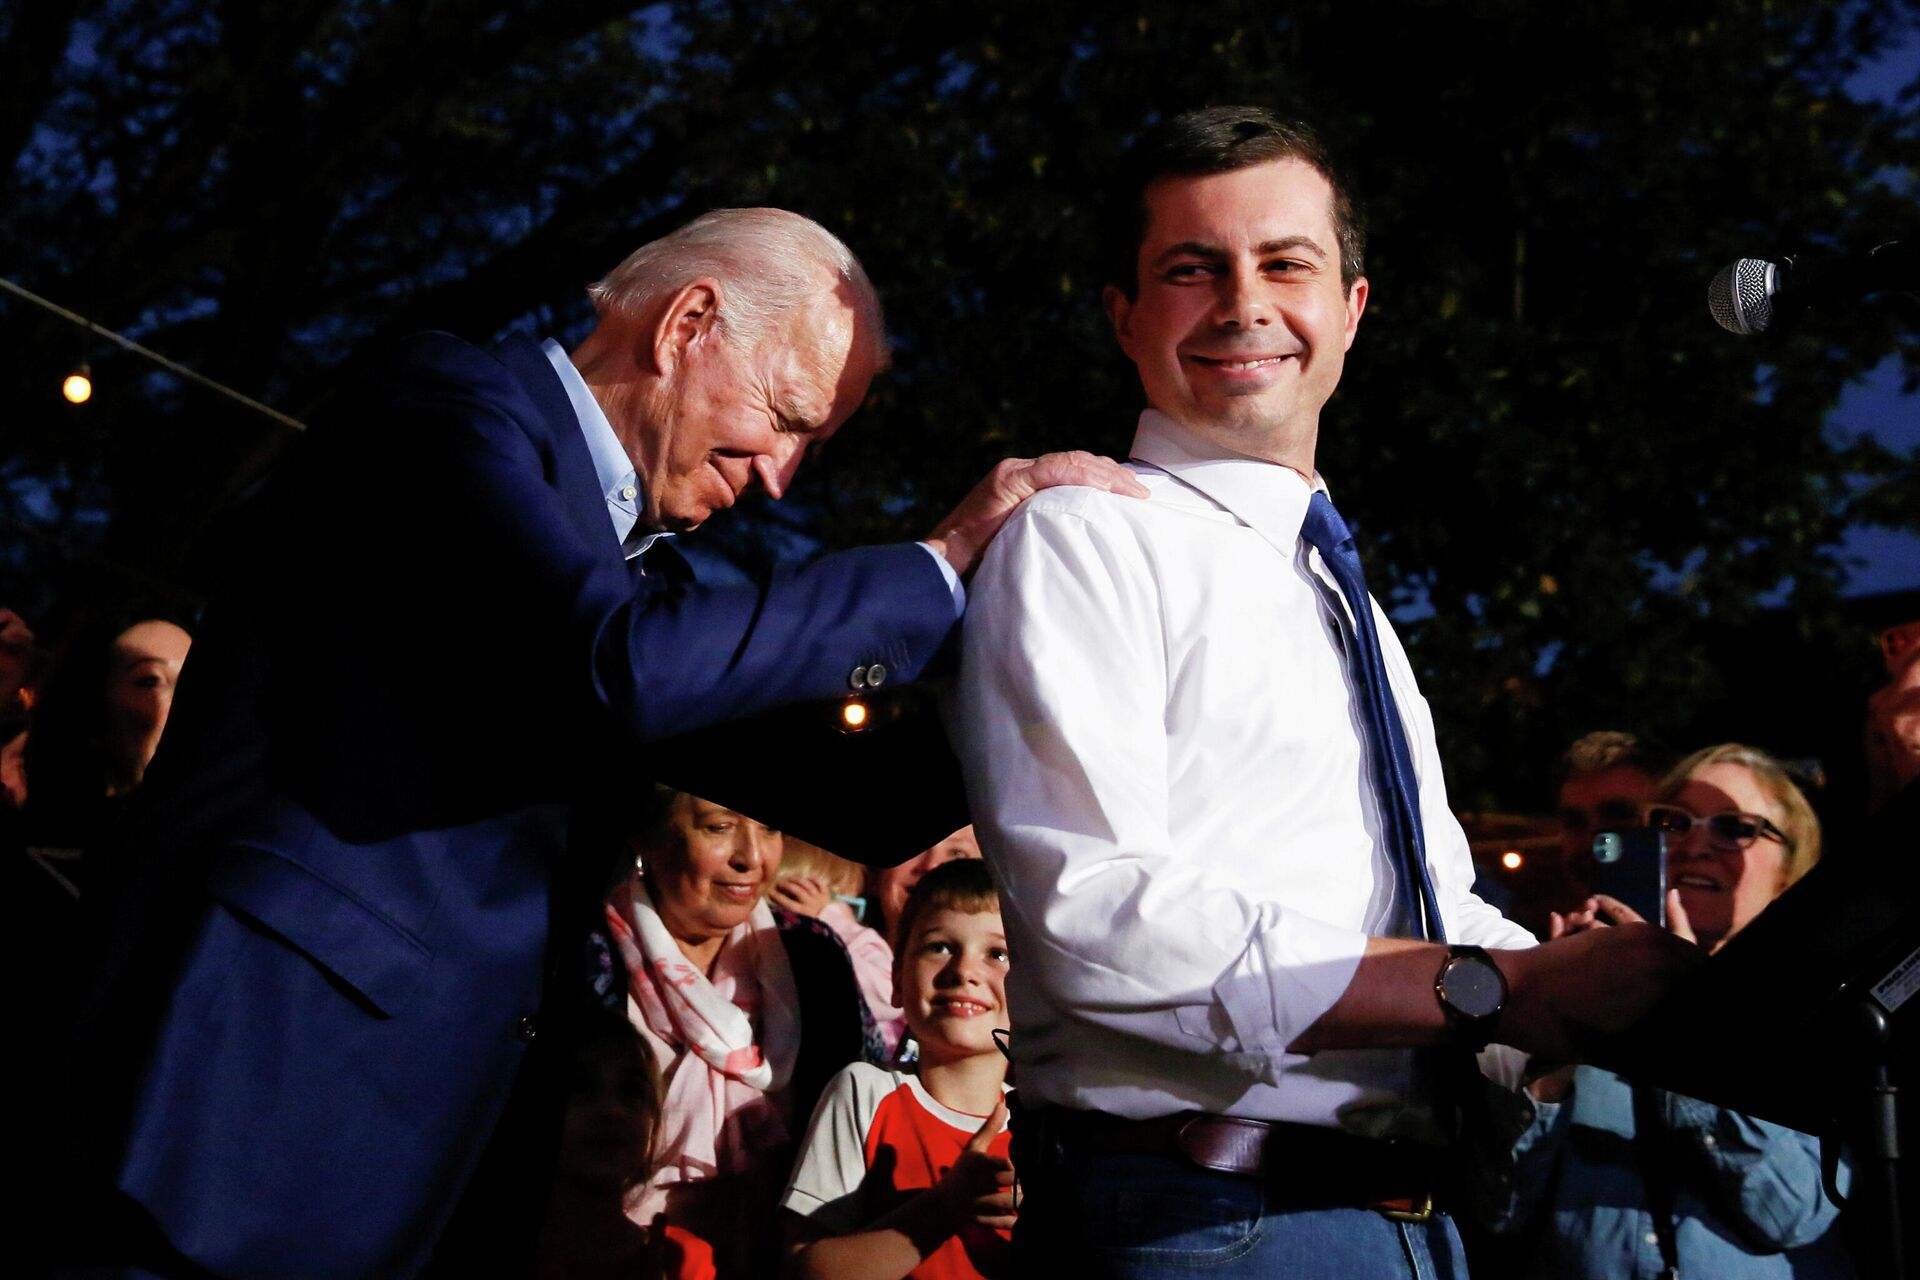 Кандидат в президенты США Джо Байден и Пит Буттиджич в Далласе, Техас  - РИА Новости, 1920, 09.11.2020